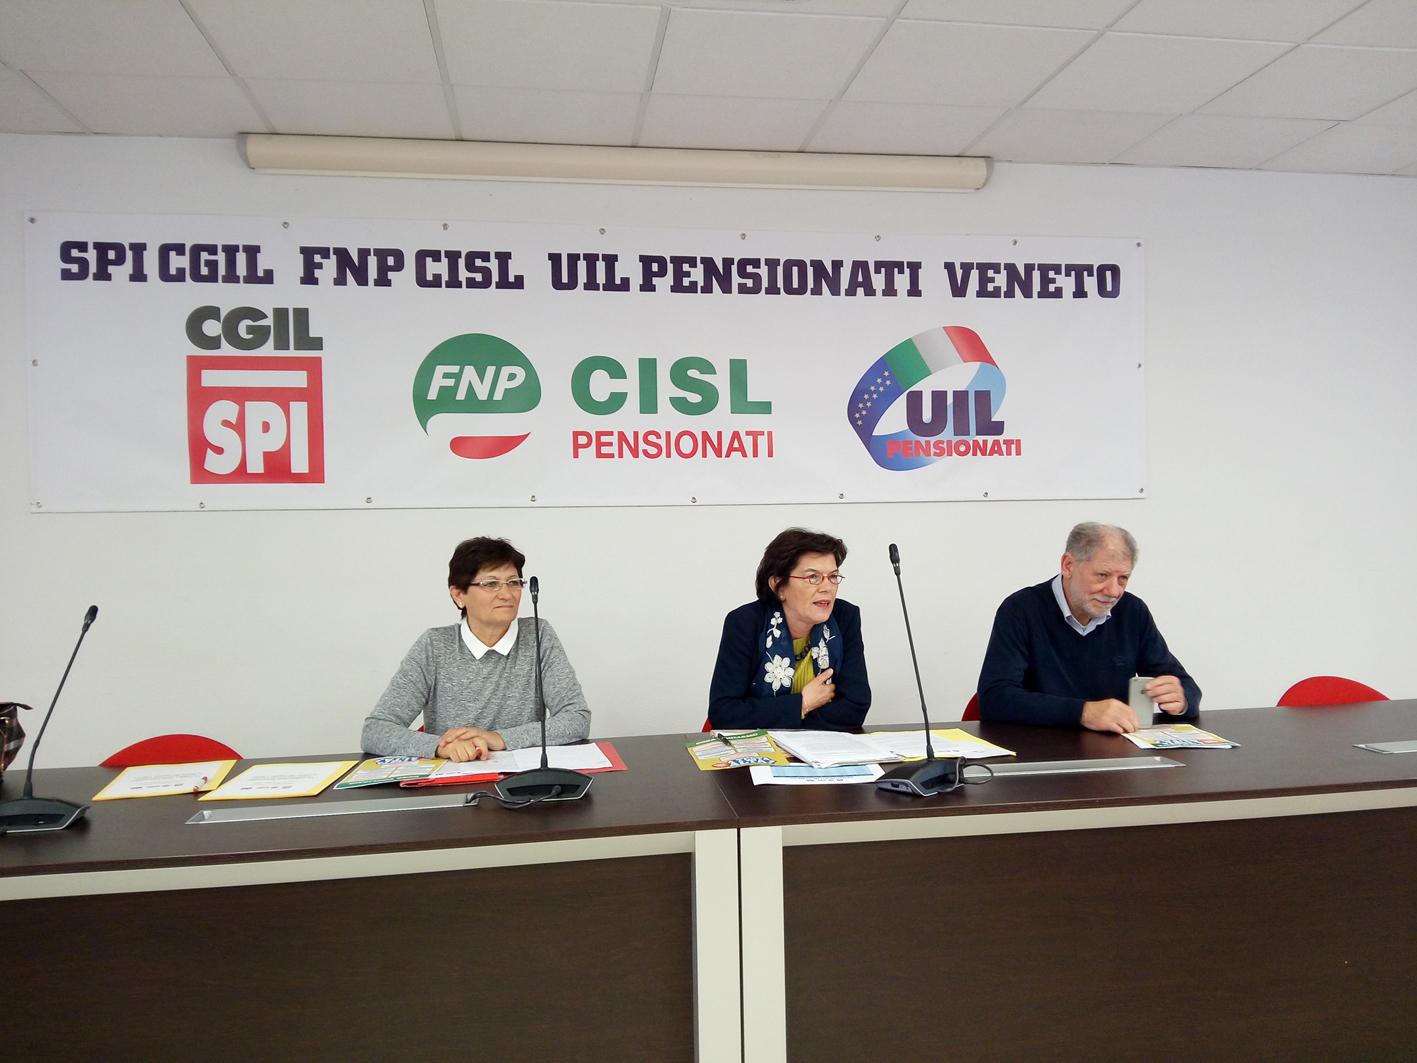 Pensionati Cgil Cisl Uil Veneto